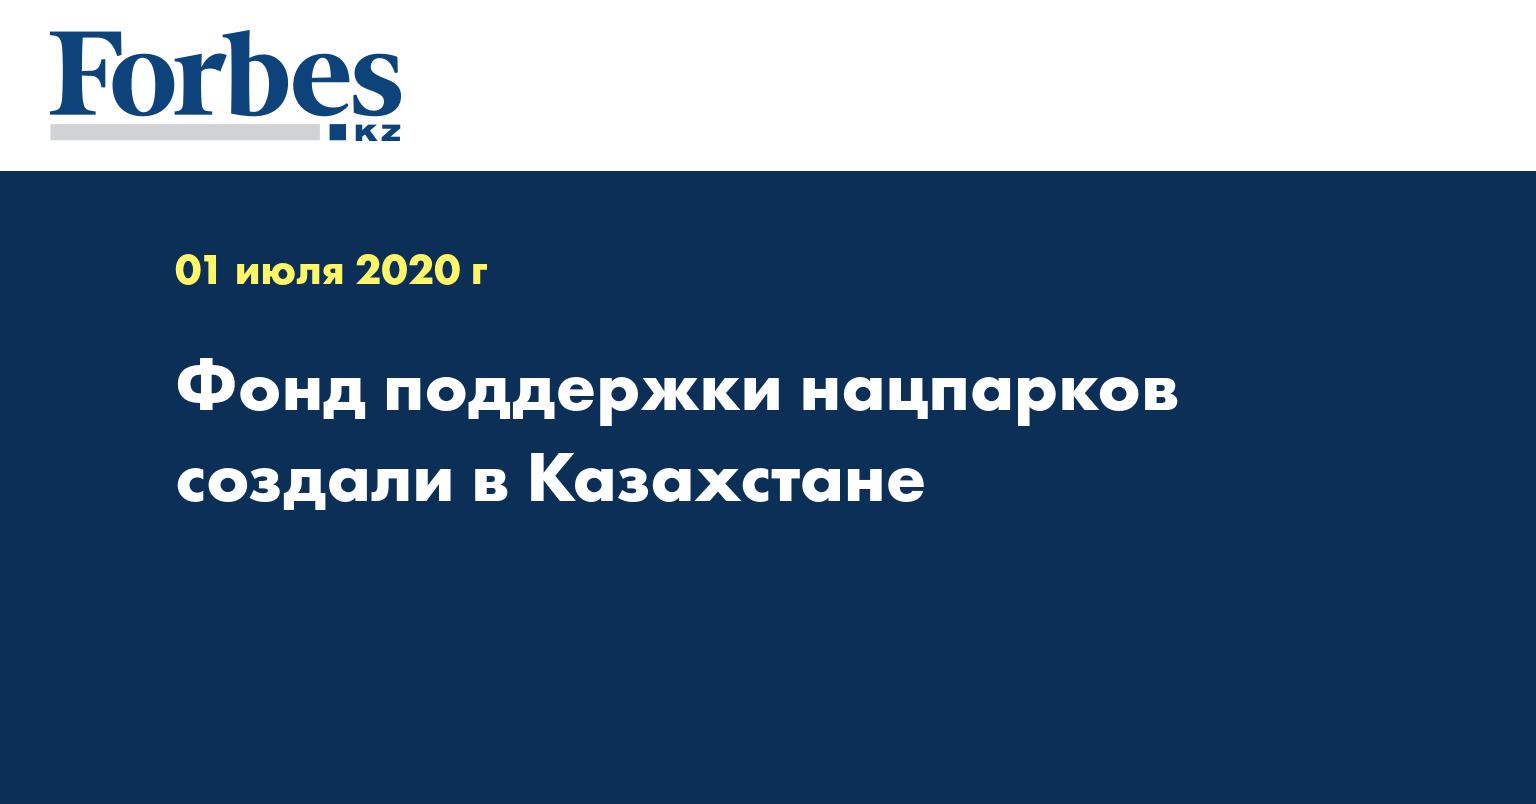 Фонд поддержки нацпарков создали в Казахстане